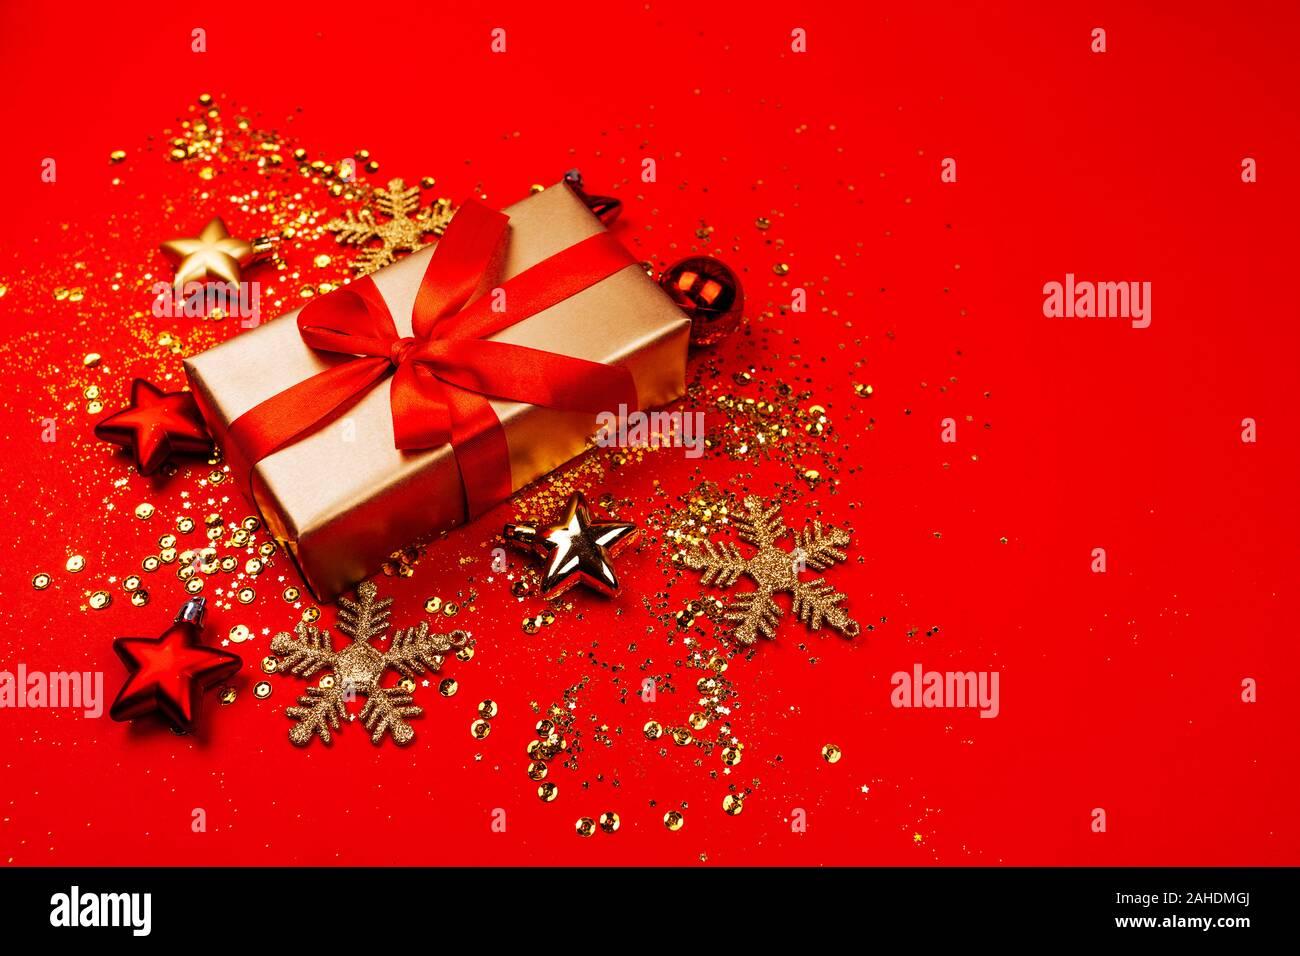 Rot und gold Weihnachtsornamente, Gestell mit Kopie Raum, roten Hintergrund. Stockfoto